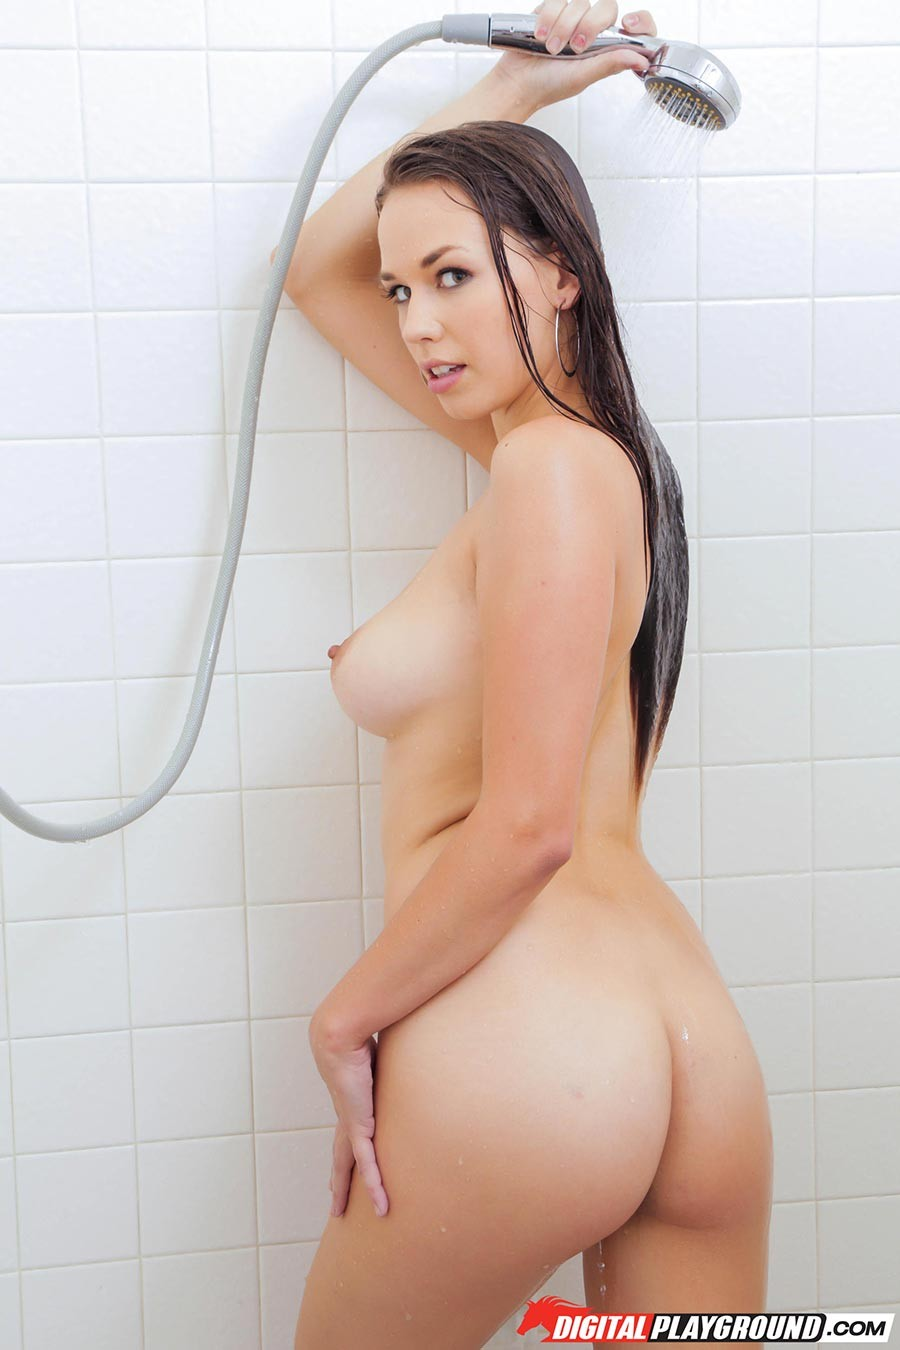 Мэди Мидоус моется под душем и показывает свое обнаженное тело под струями воды